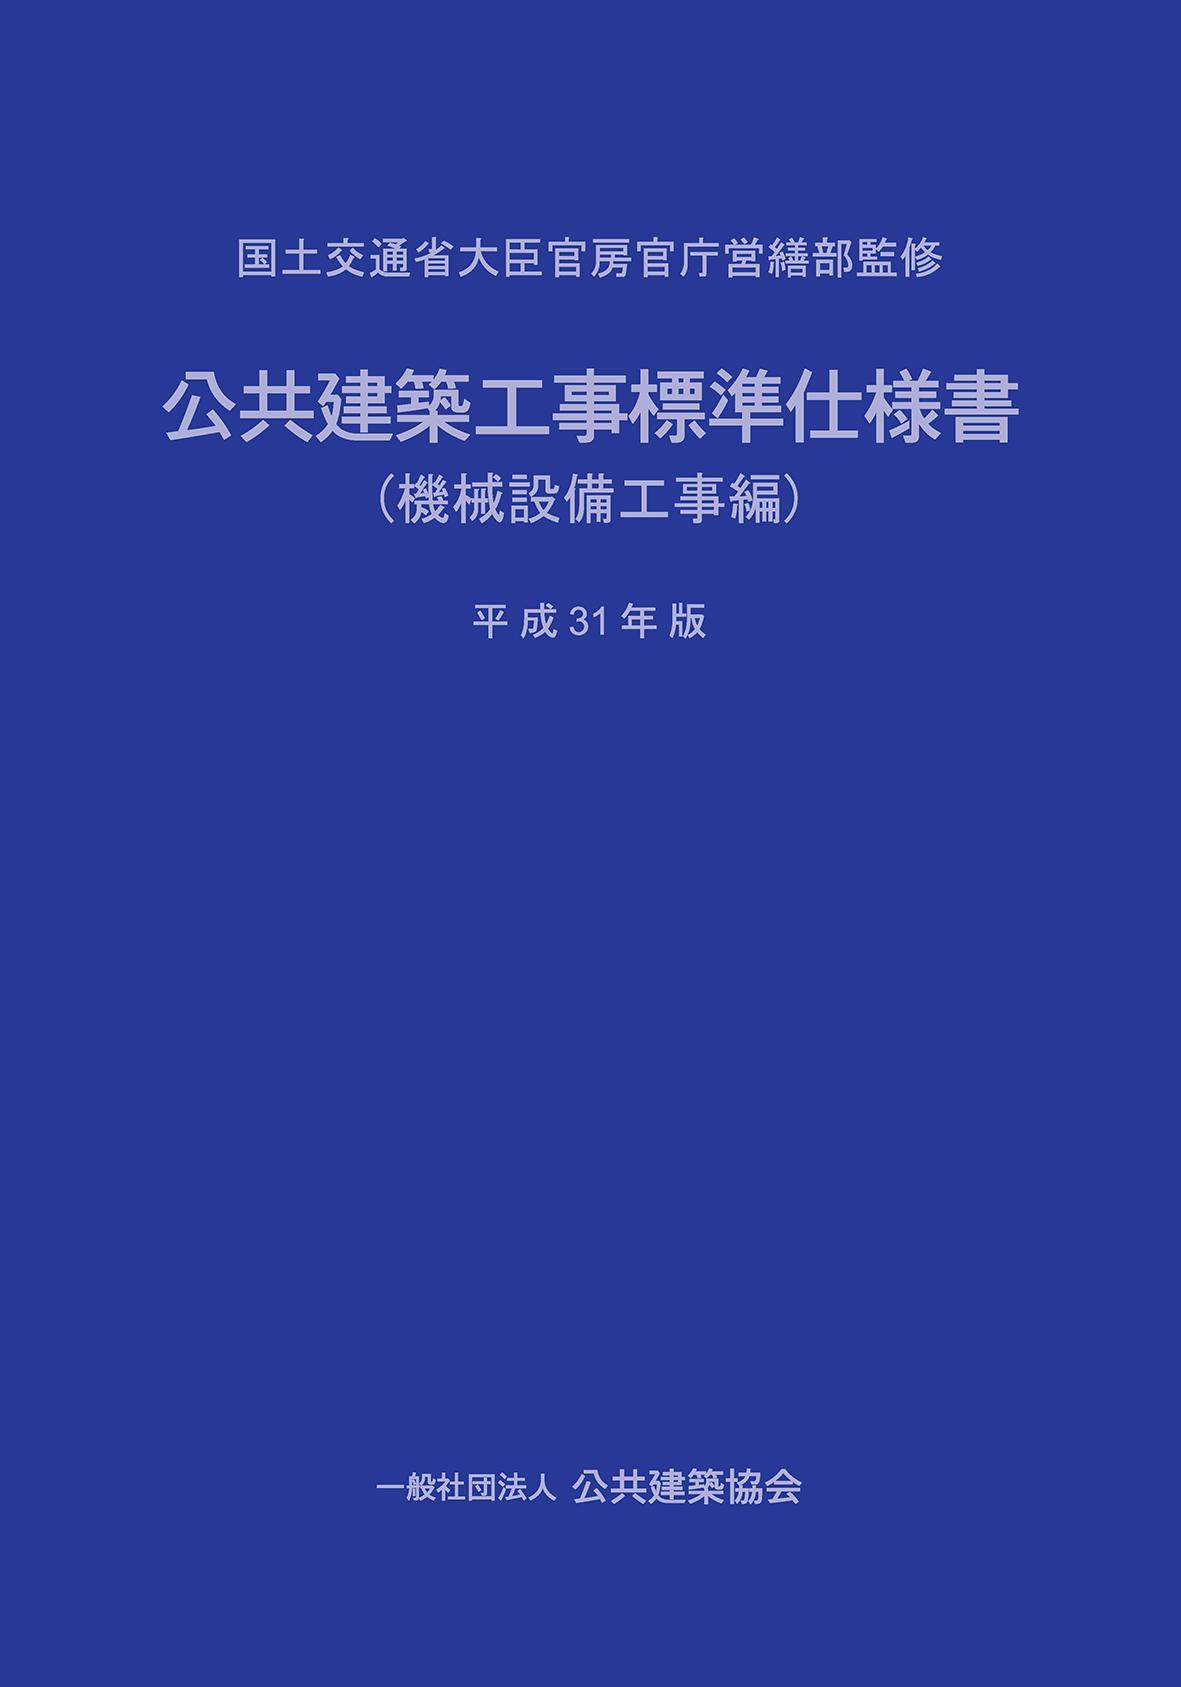 公共建築工事標準仕様書(機械設備工事編)平成31年版